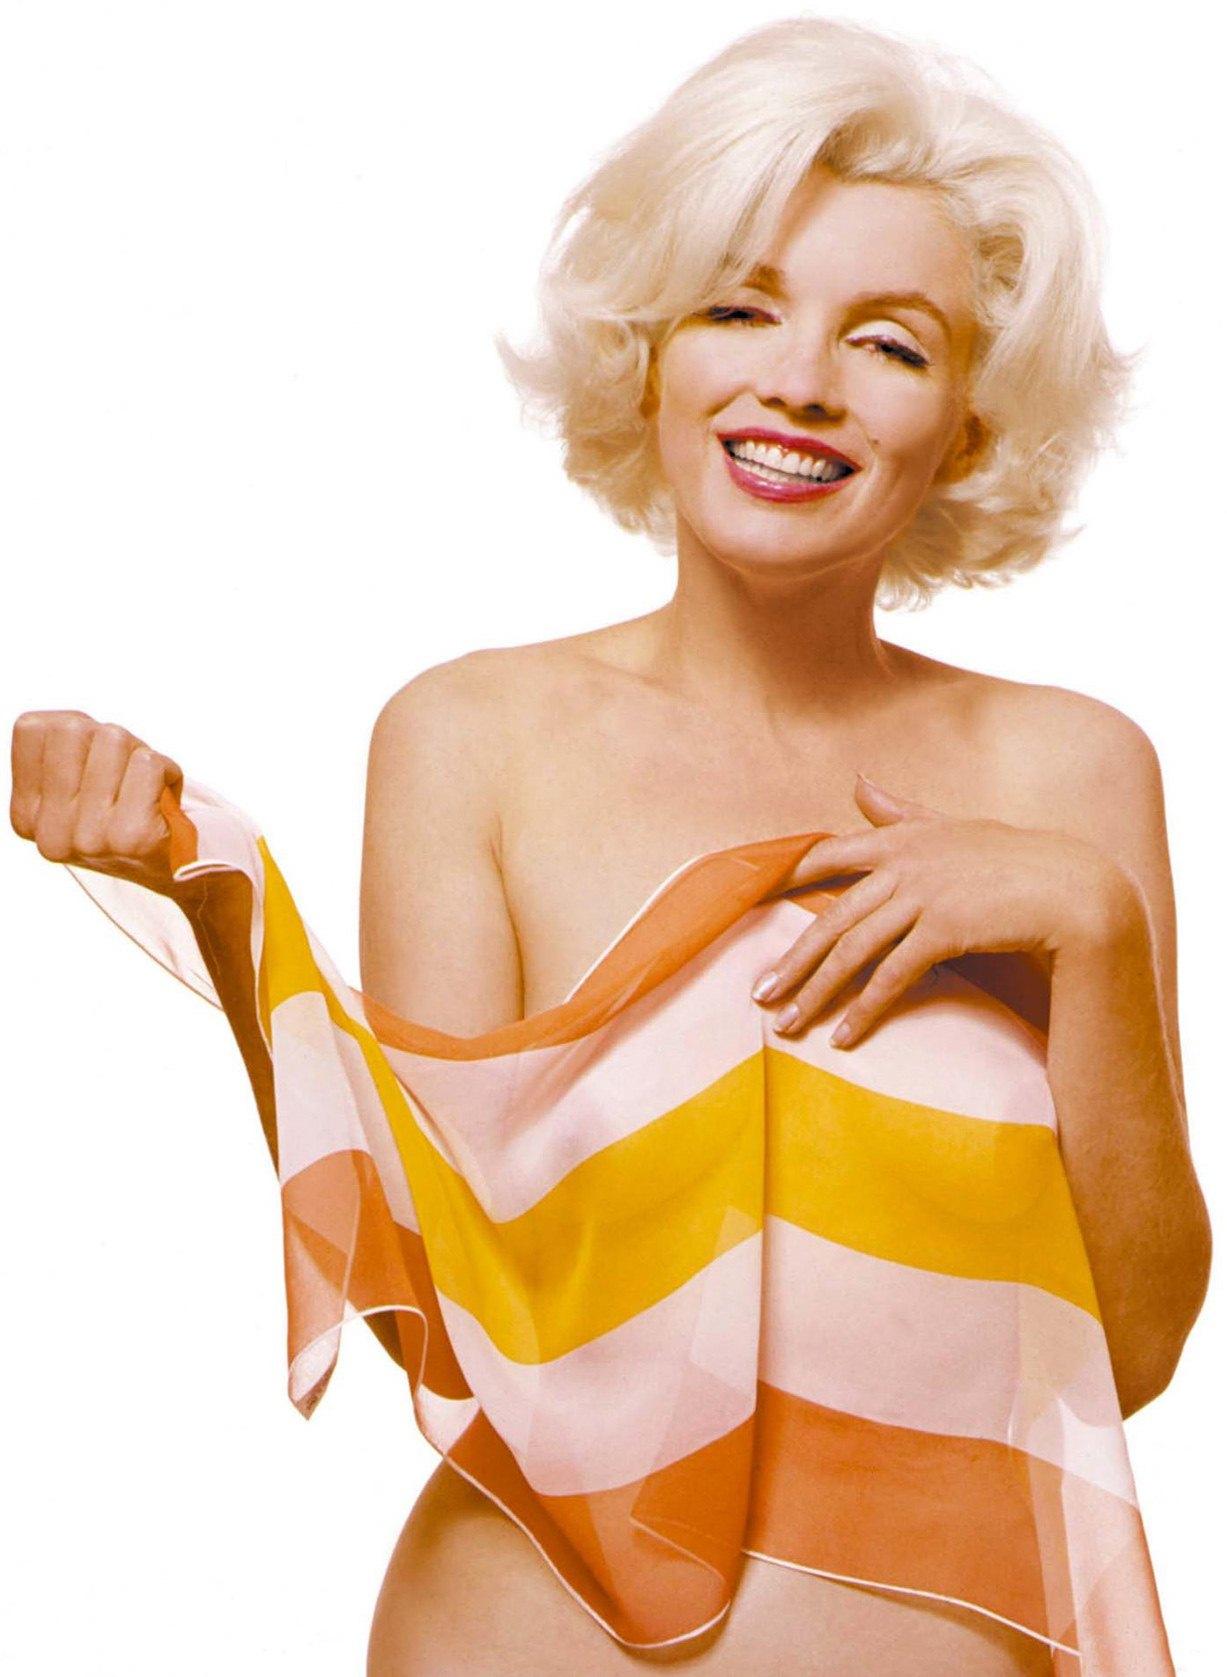 модель Мэрилин Монро / Marilyn Monroe, фотограф Bert Stern